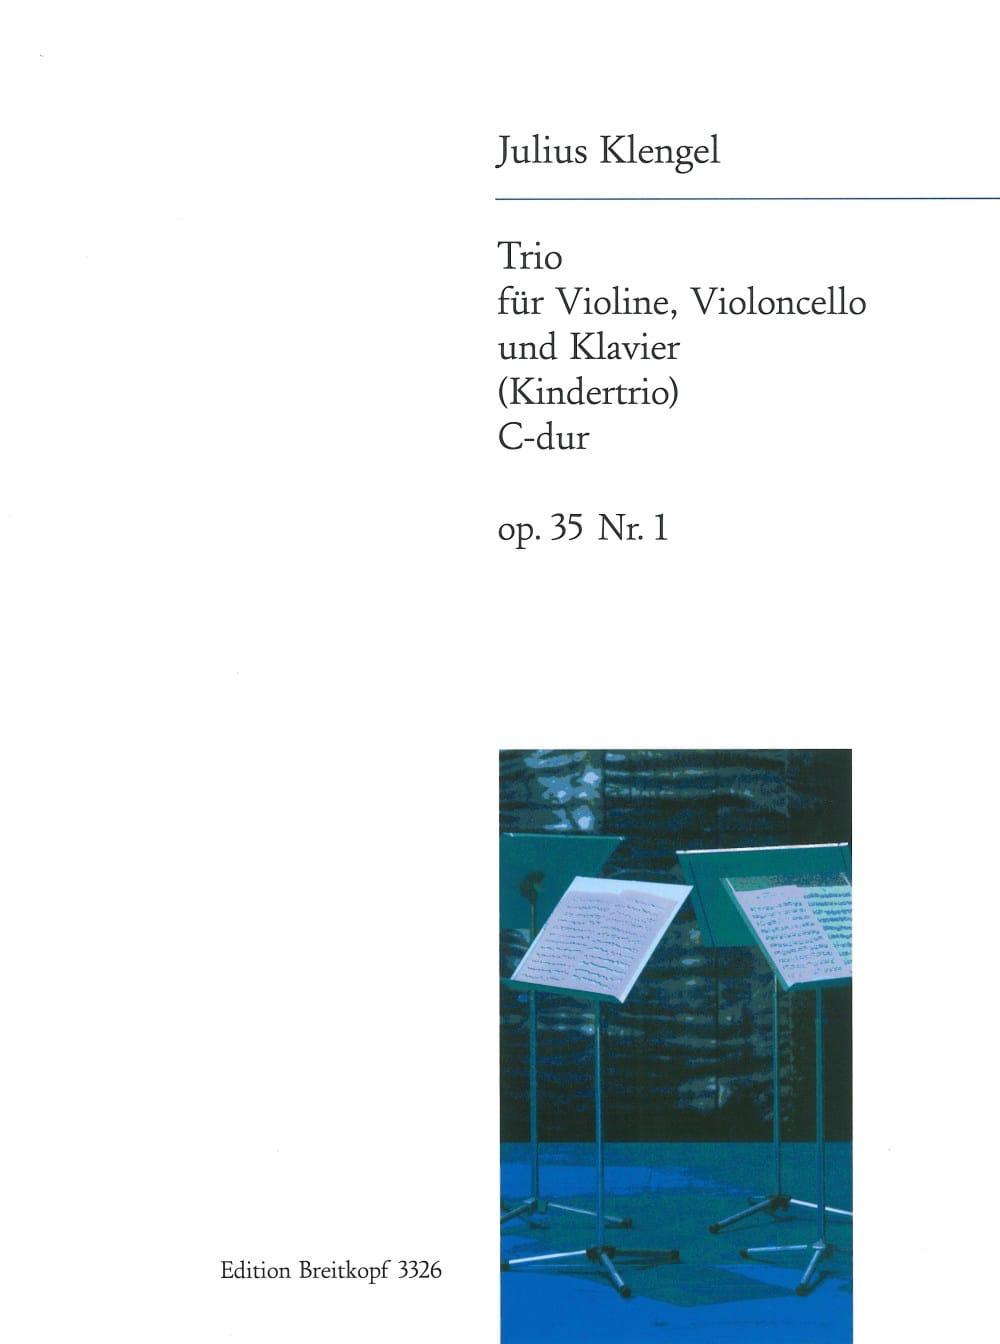 Kindertrio C-Dur op. 35 n° 1 - Julius Klengel - laflutedepan.com